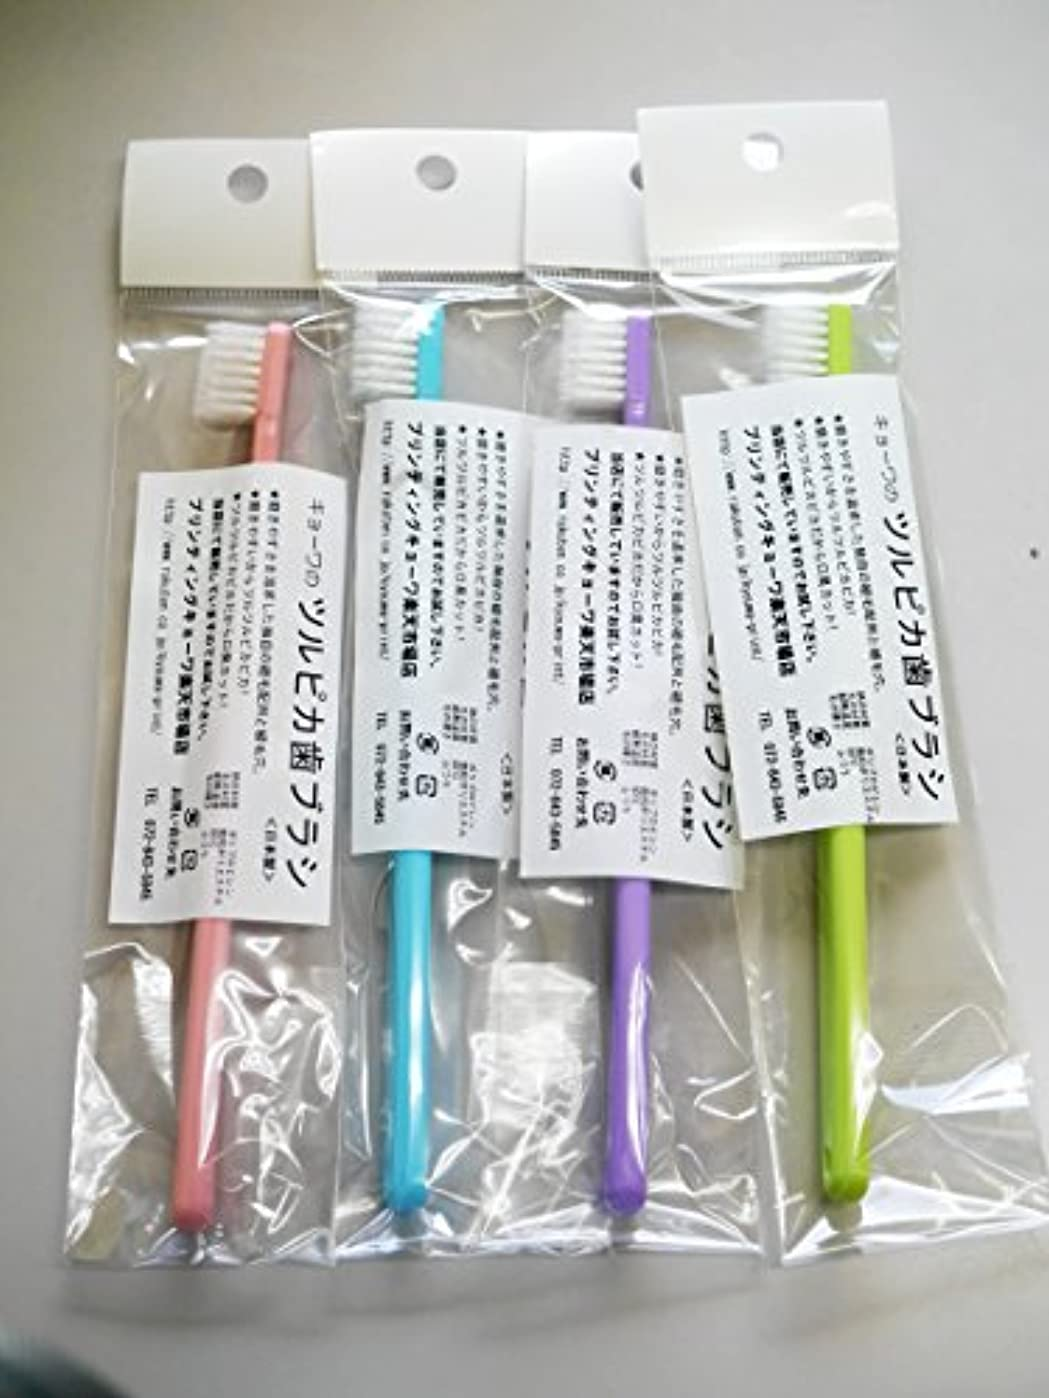 火曜日お祝いせがむ【株式会社キョーワ】 日本製 キョーワのツルピカ歯ブラシ4本セット (4色×1本)